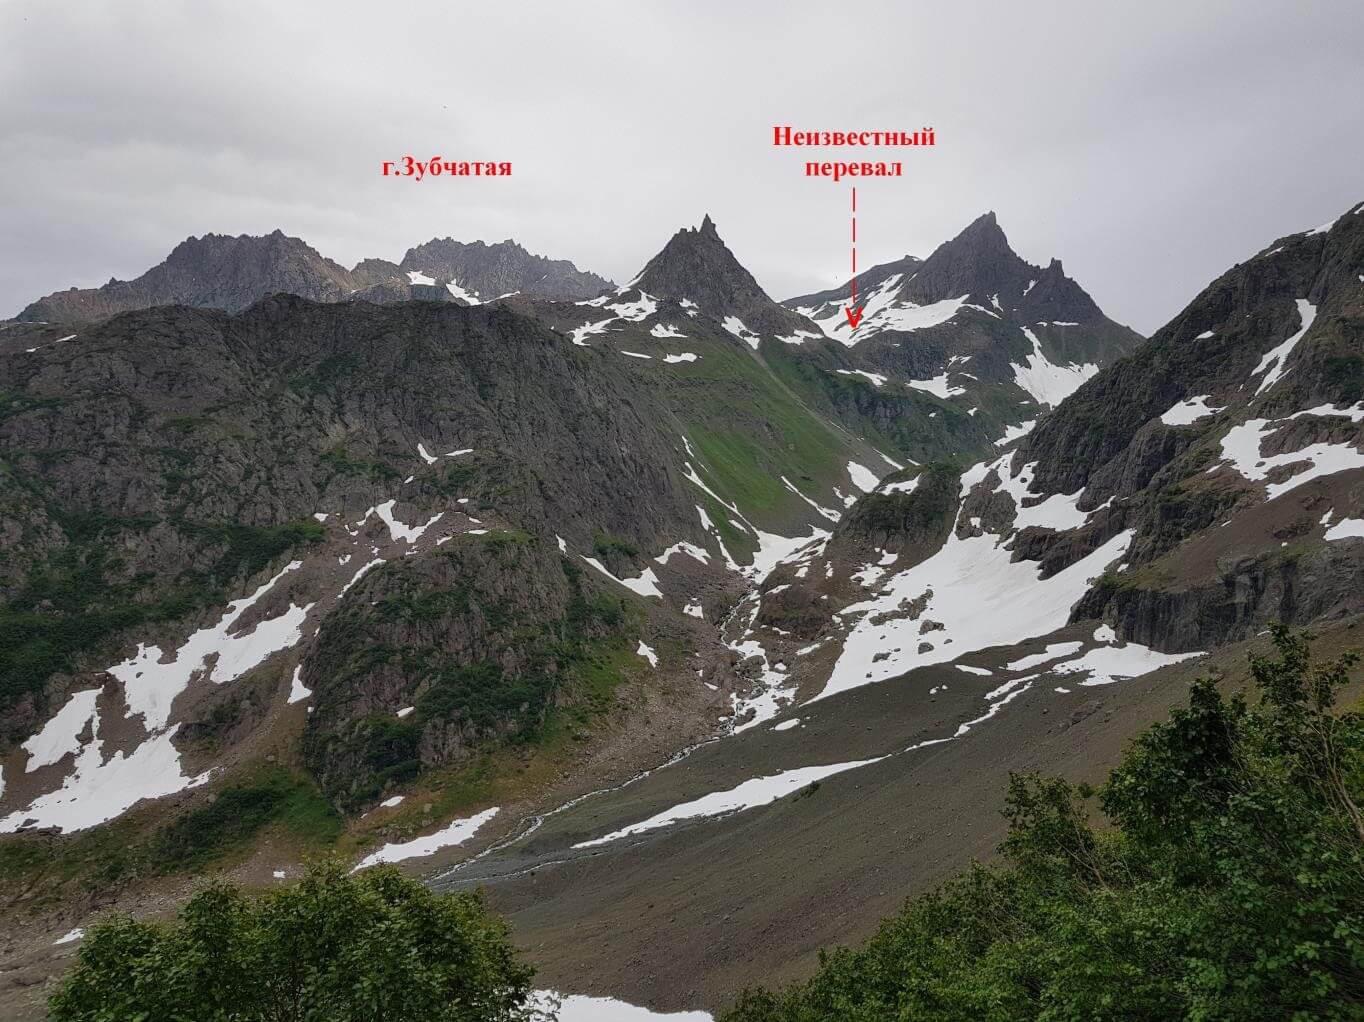 Отчет о комбинированном маршруте 5 к.с. по Корякскому нагорью